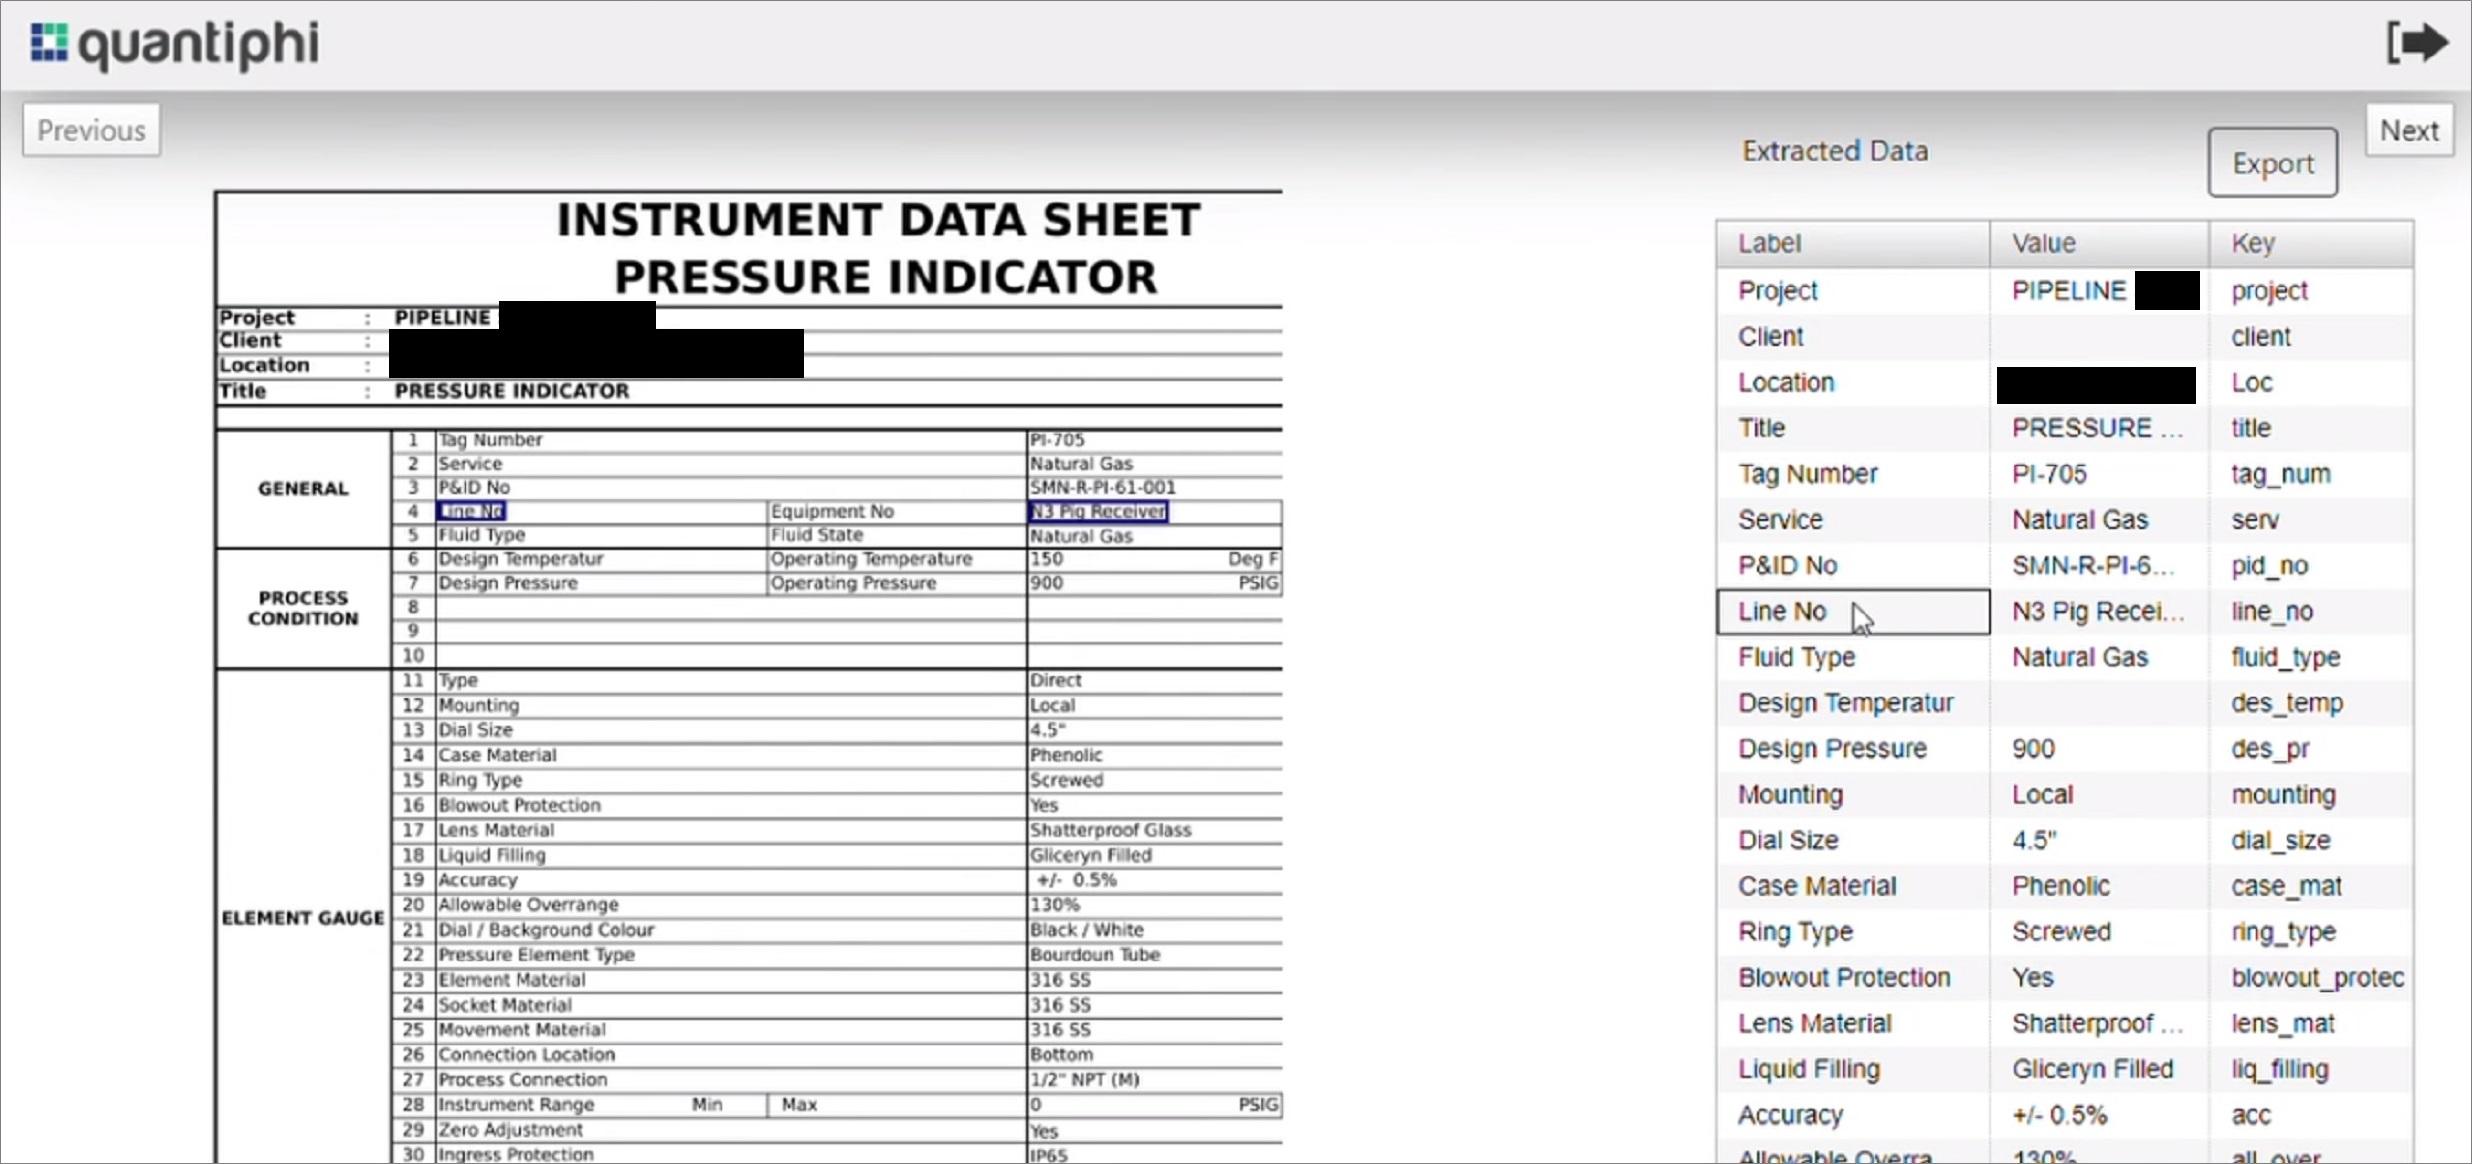 Quantiphi-Oil-Gas-Documents-7